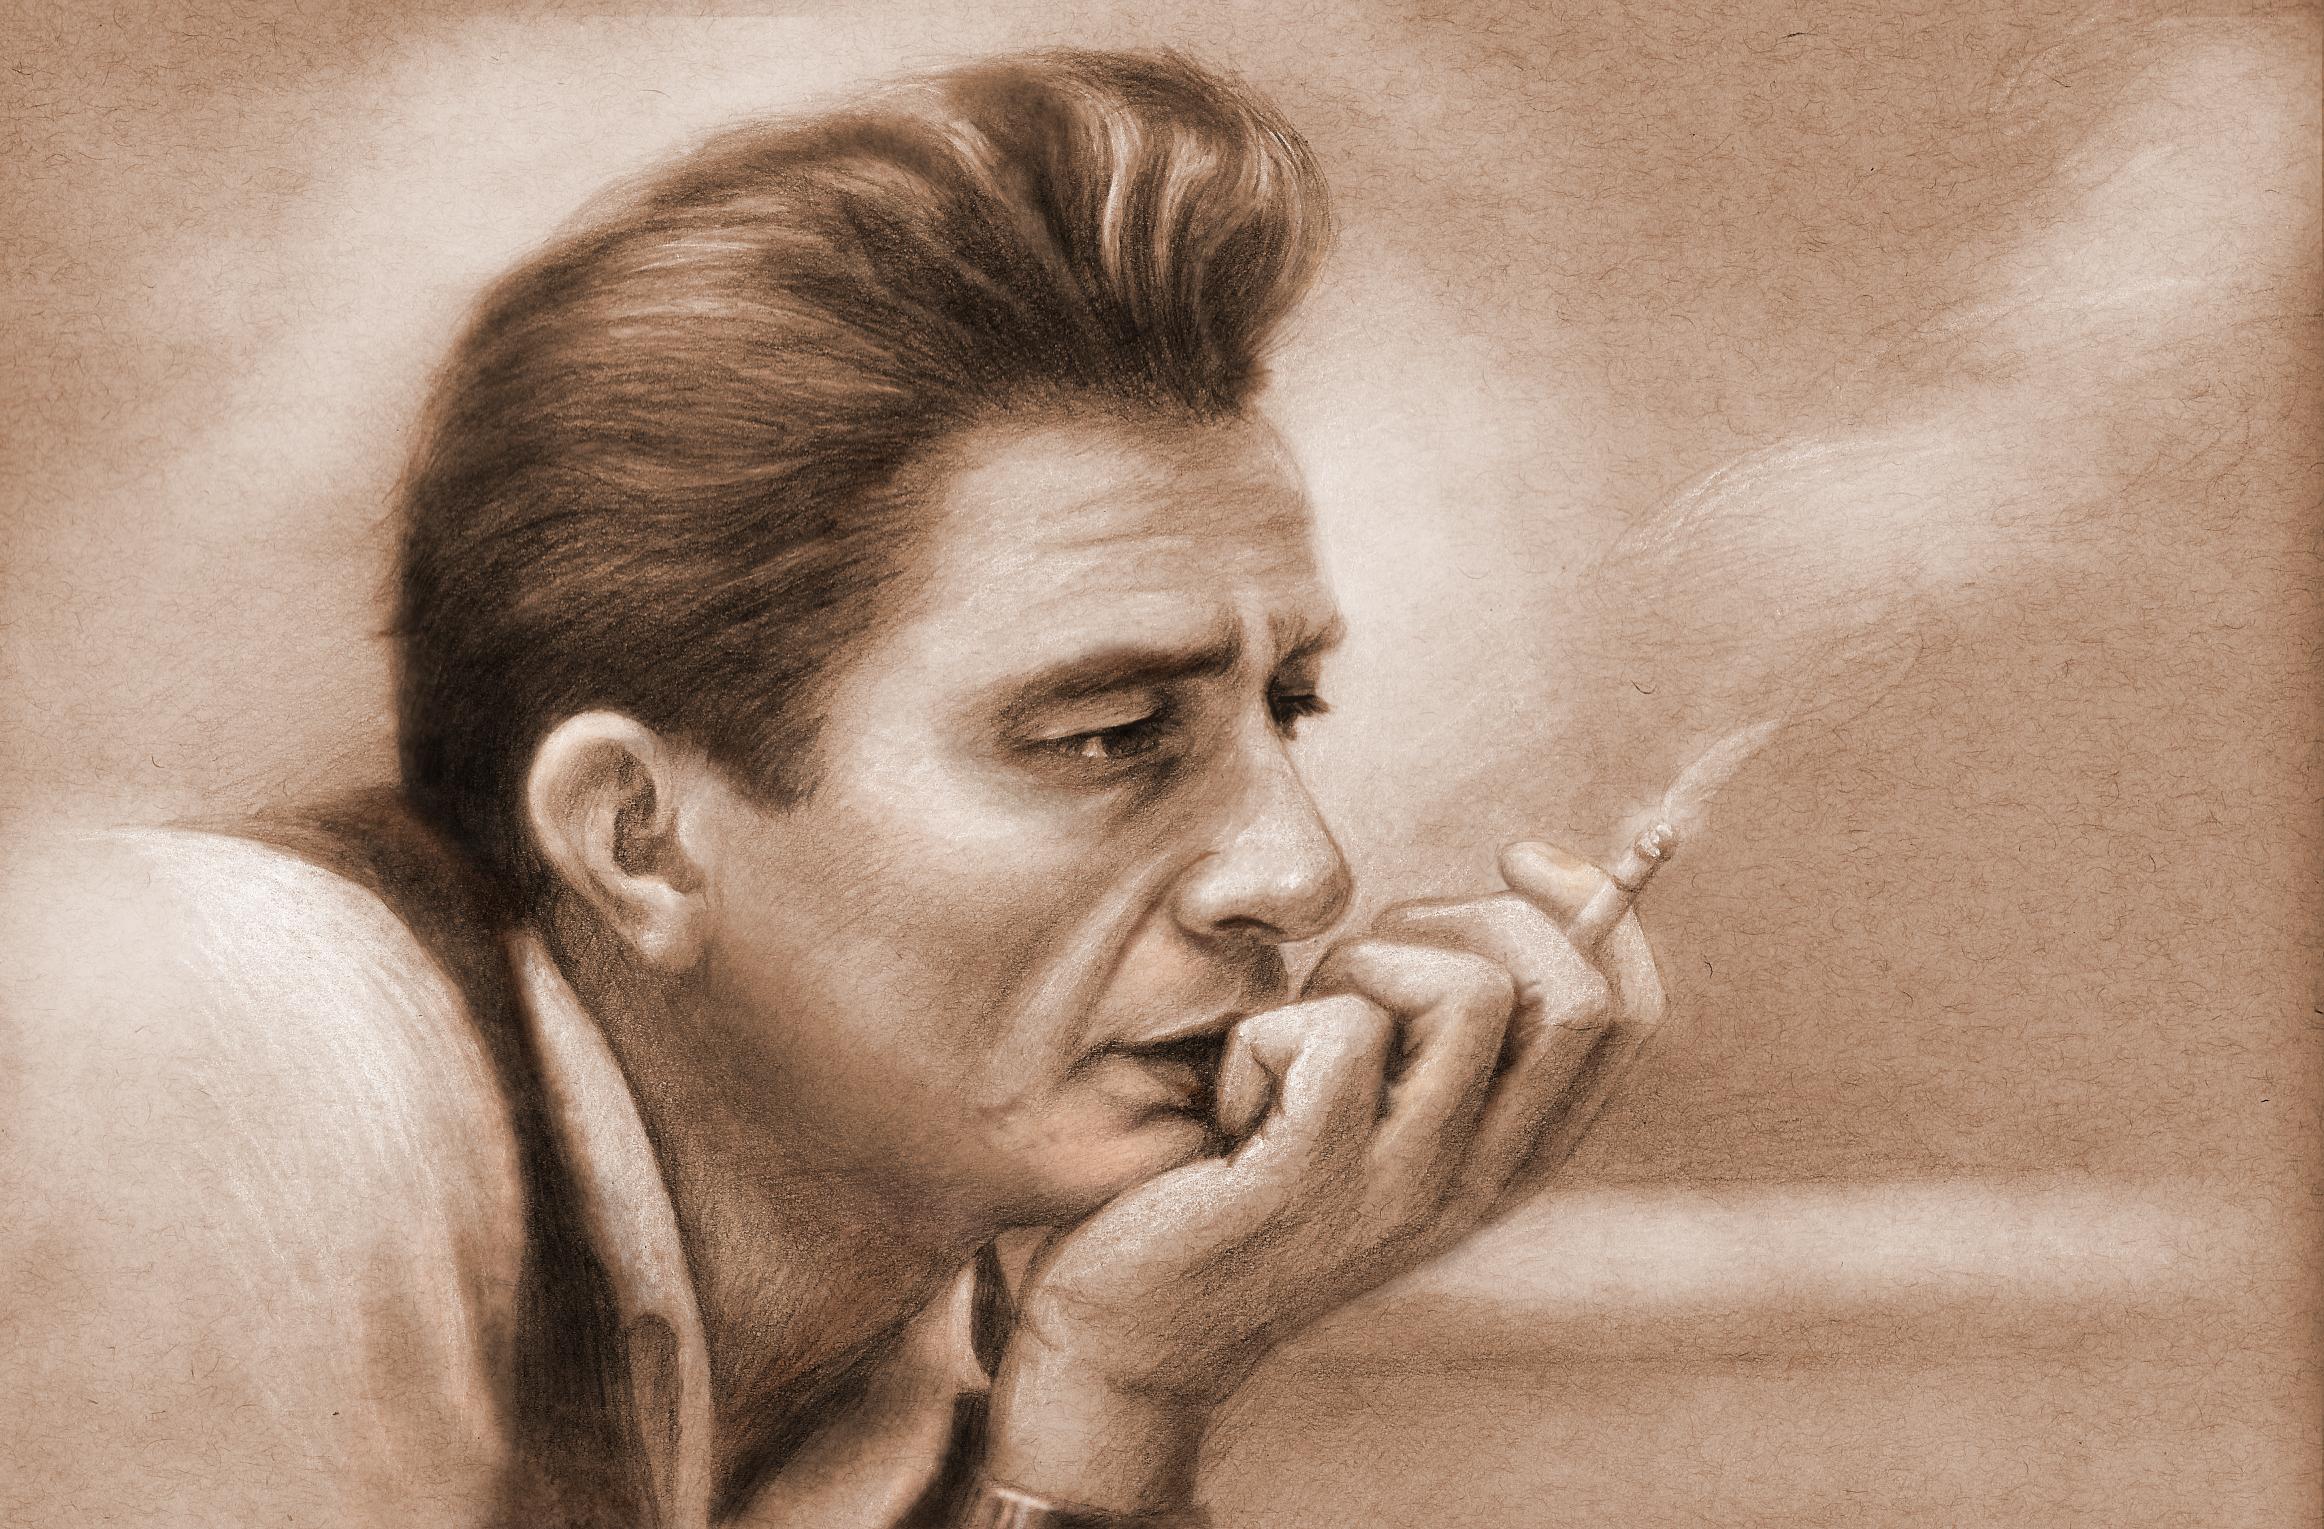 Johnny Cash Portrait